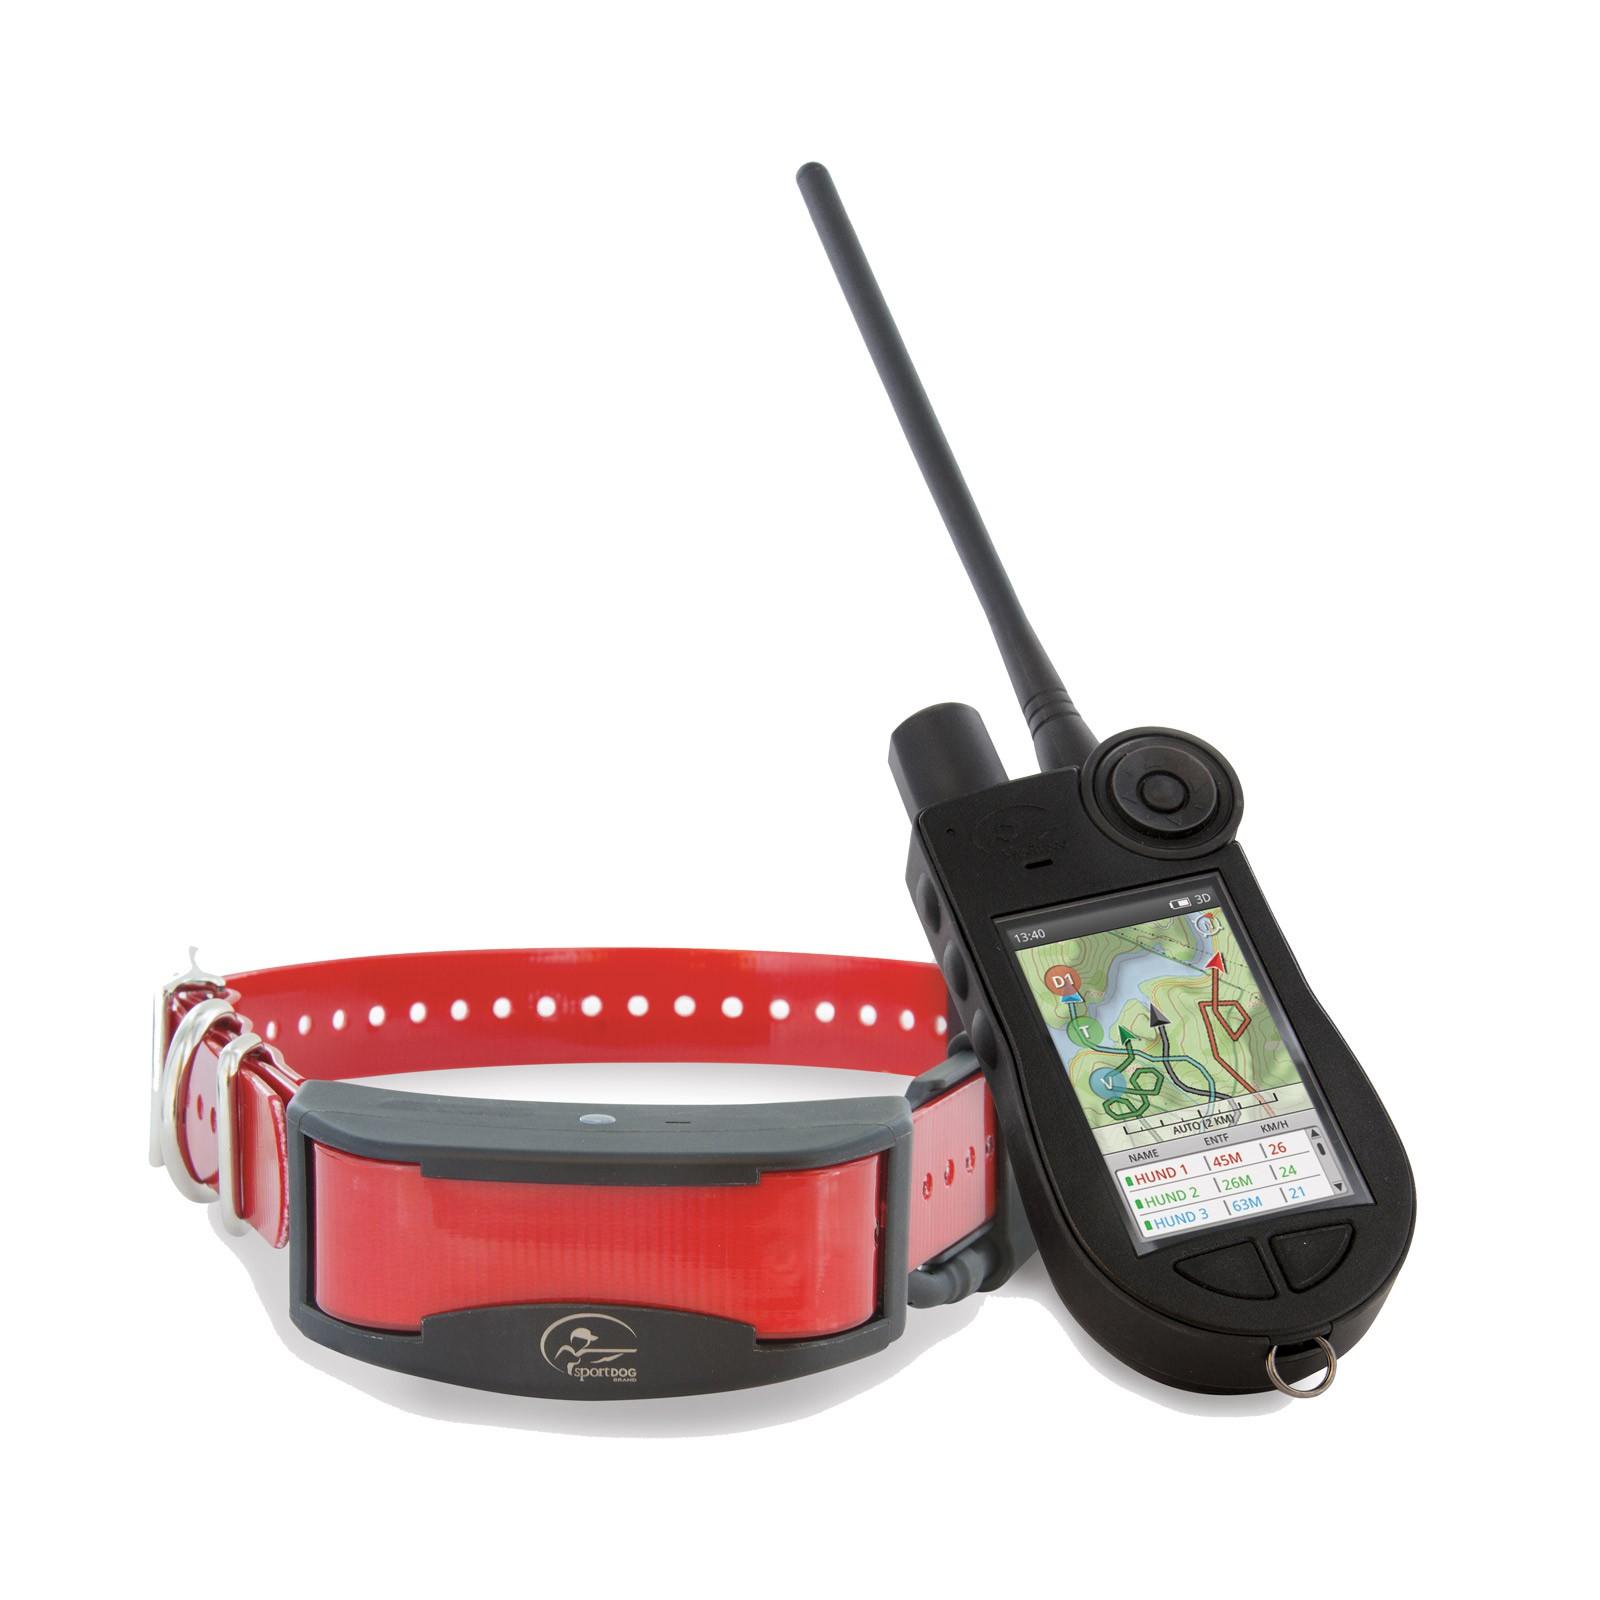 sportdog tek series 2 0 halsband peilsender gps hunde system. Black Bedroom Furniture Sets. Home Design Ideas